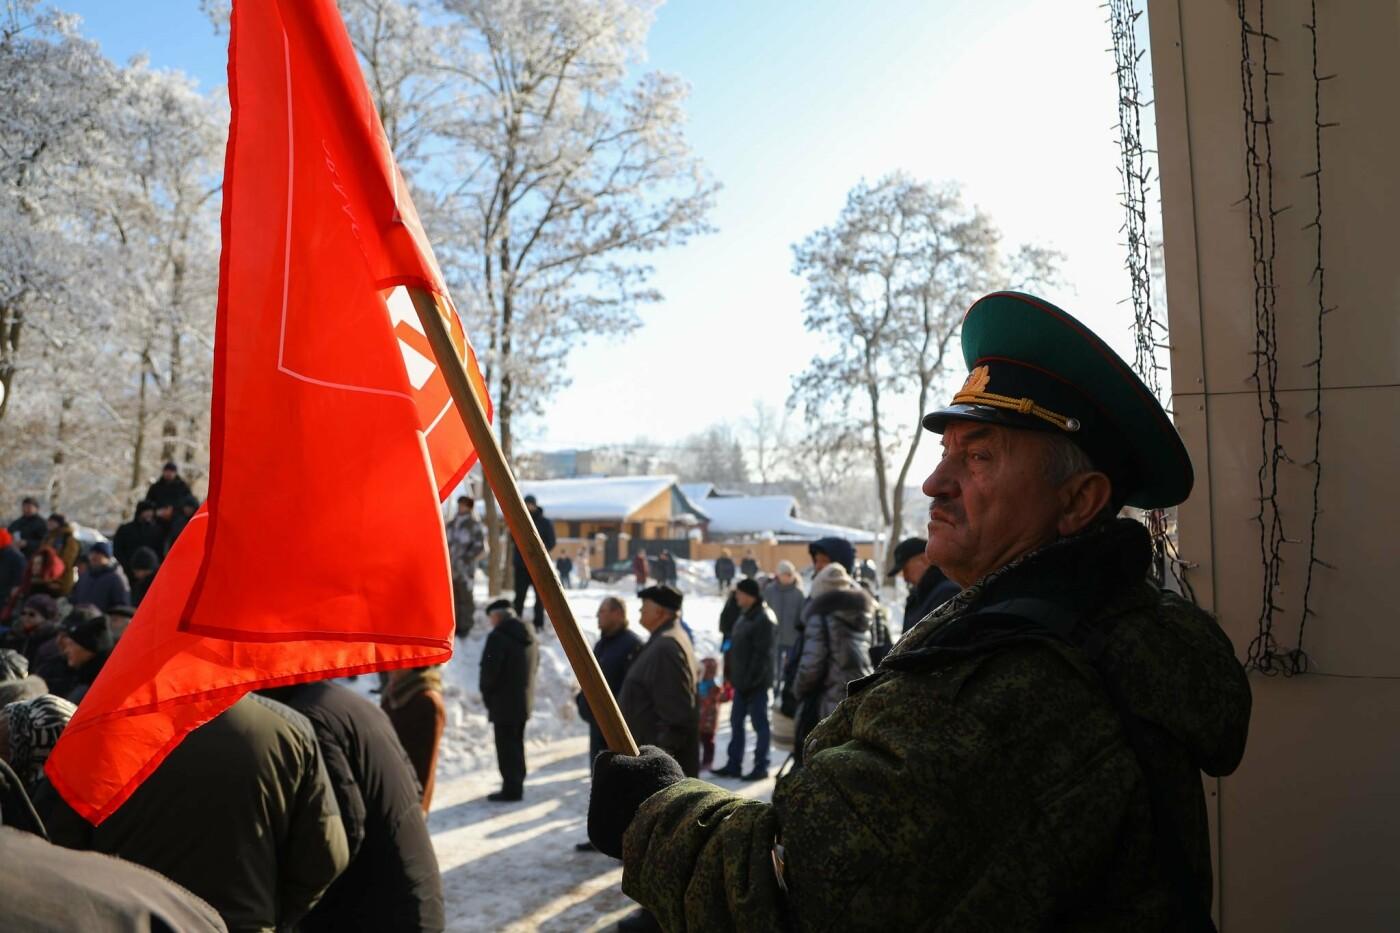 Белгородцы провели массовую акцию против новых правил благоустройства, фото-8, Фото Антона Вергуна